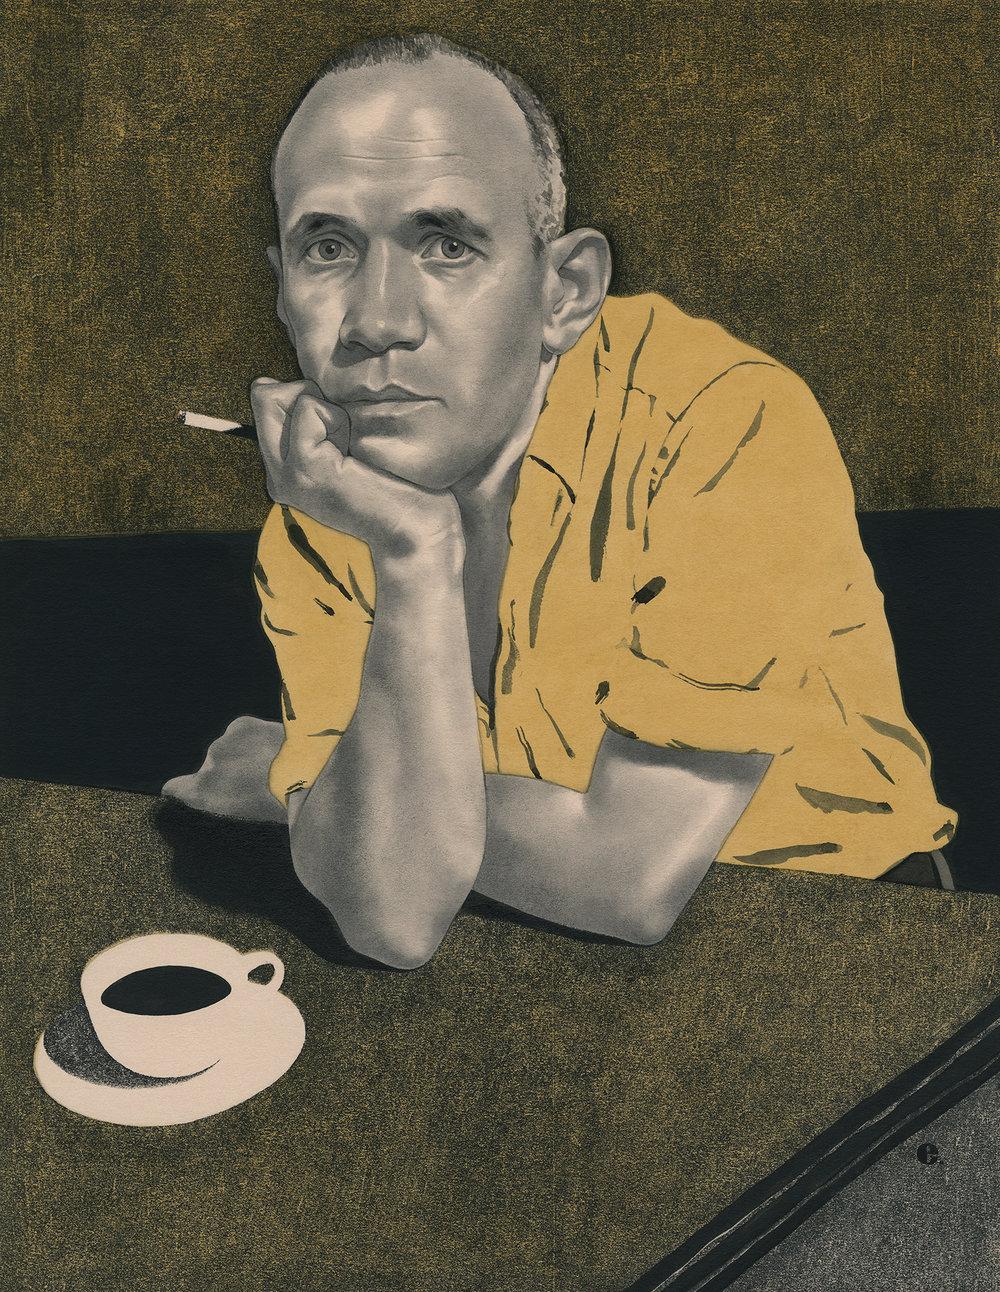 Jean Genet | The New Yorker